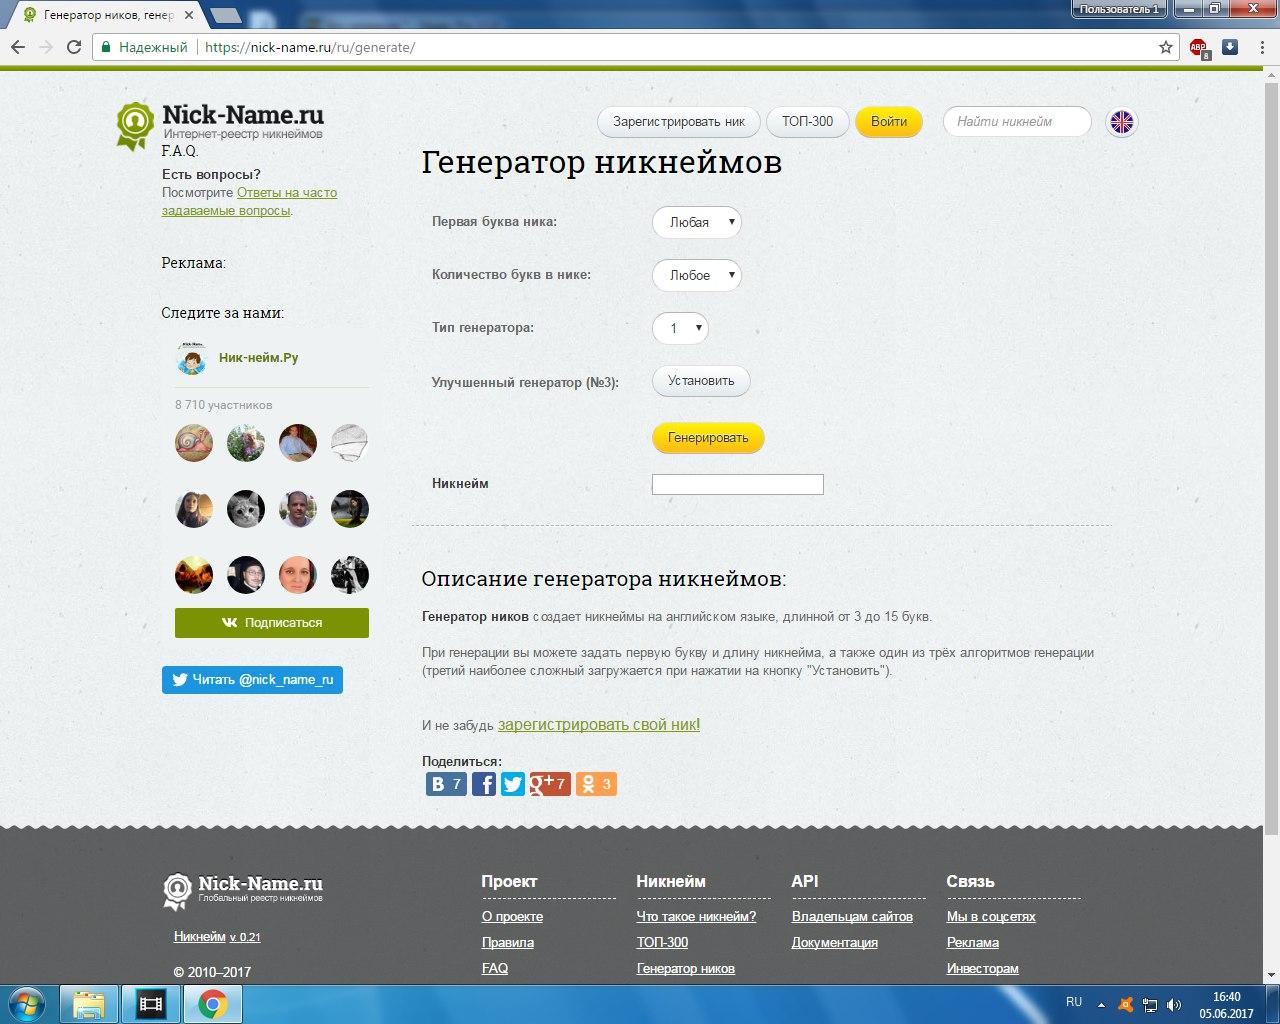 Иллюстрация на тему Генератор ников для YouTube на русском, рандомайзер названия каналов